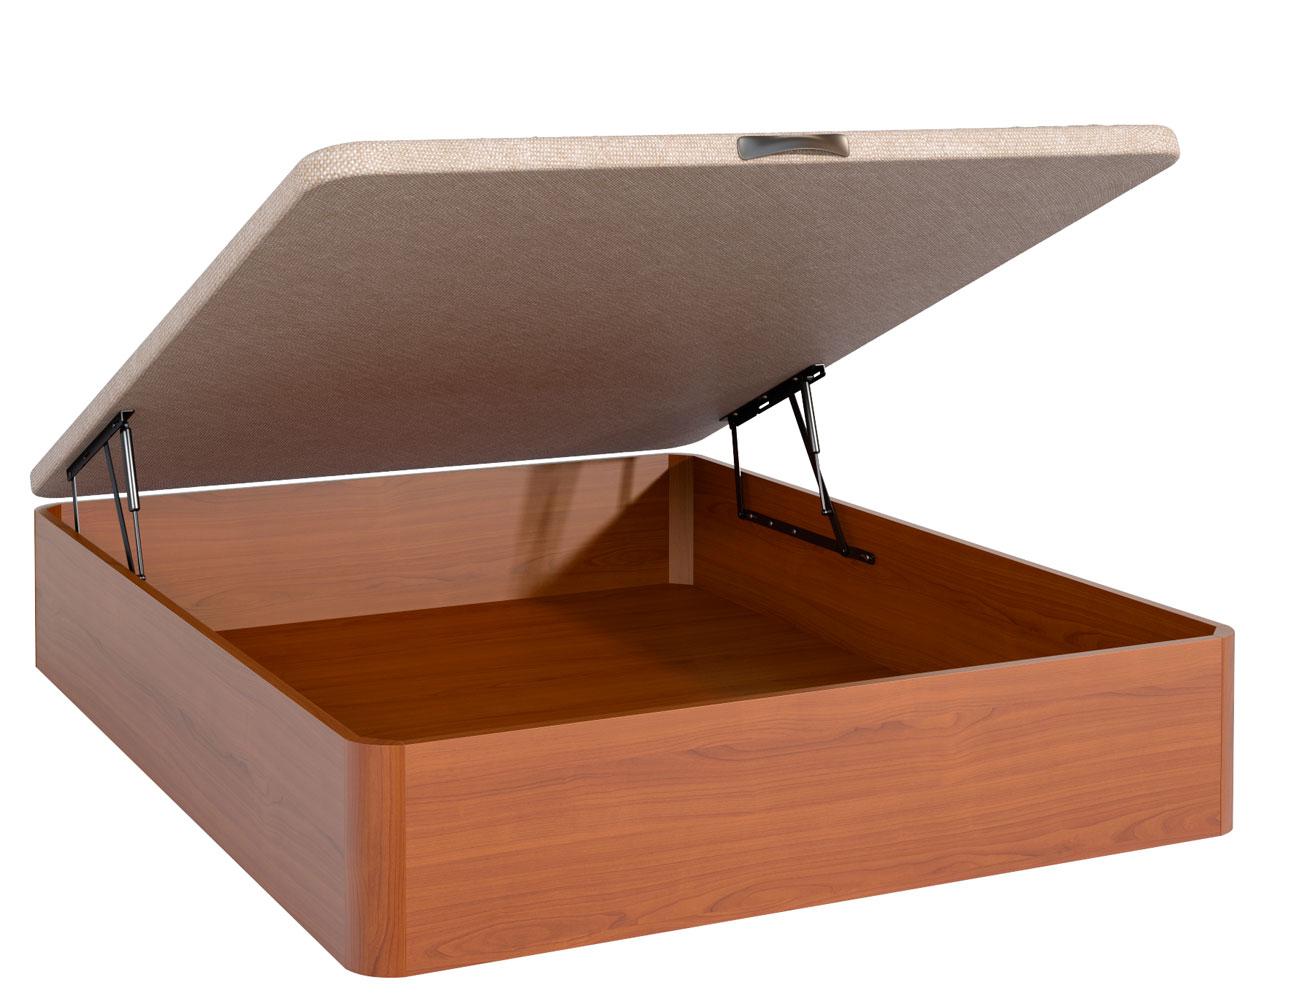 Canape madera nogal tapa 3d barato ebro abierto3